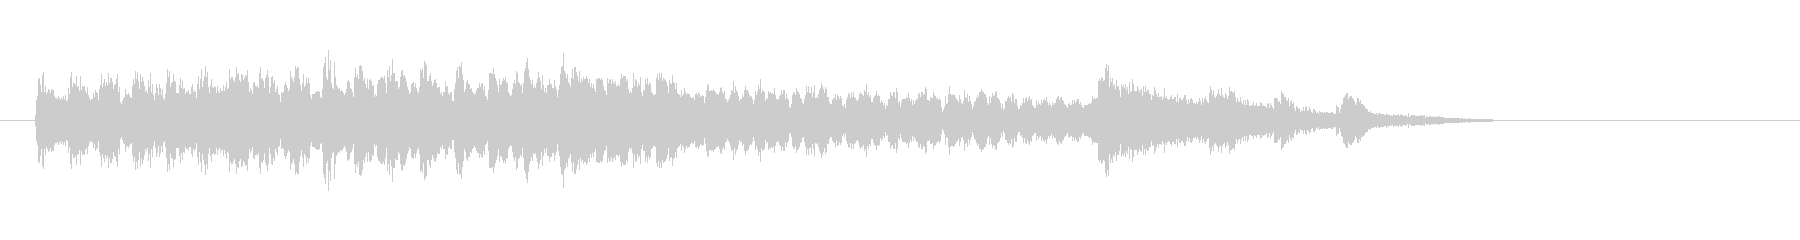 テーマ5:フルミックス、アップ、ダ...の未再生の波形